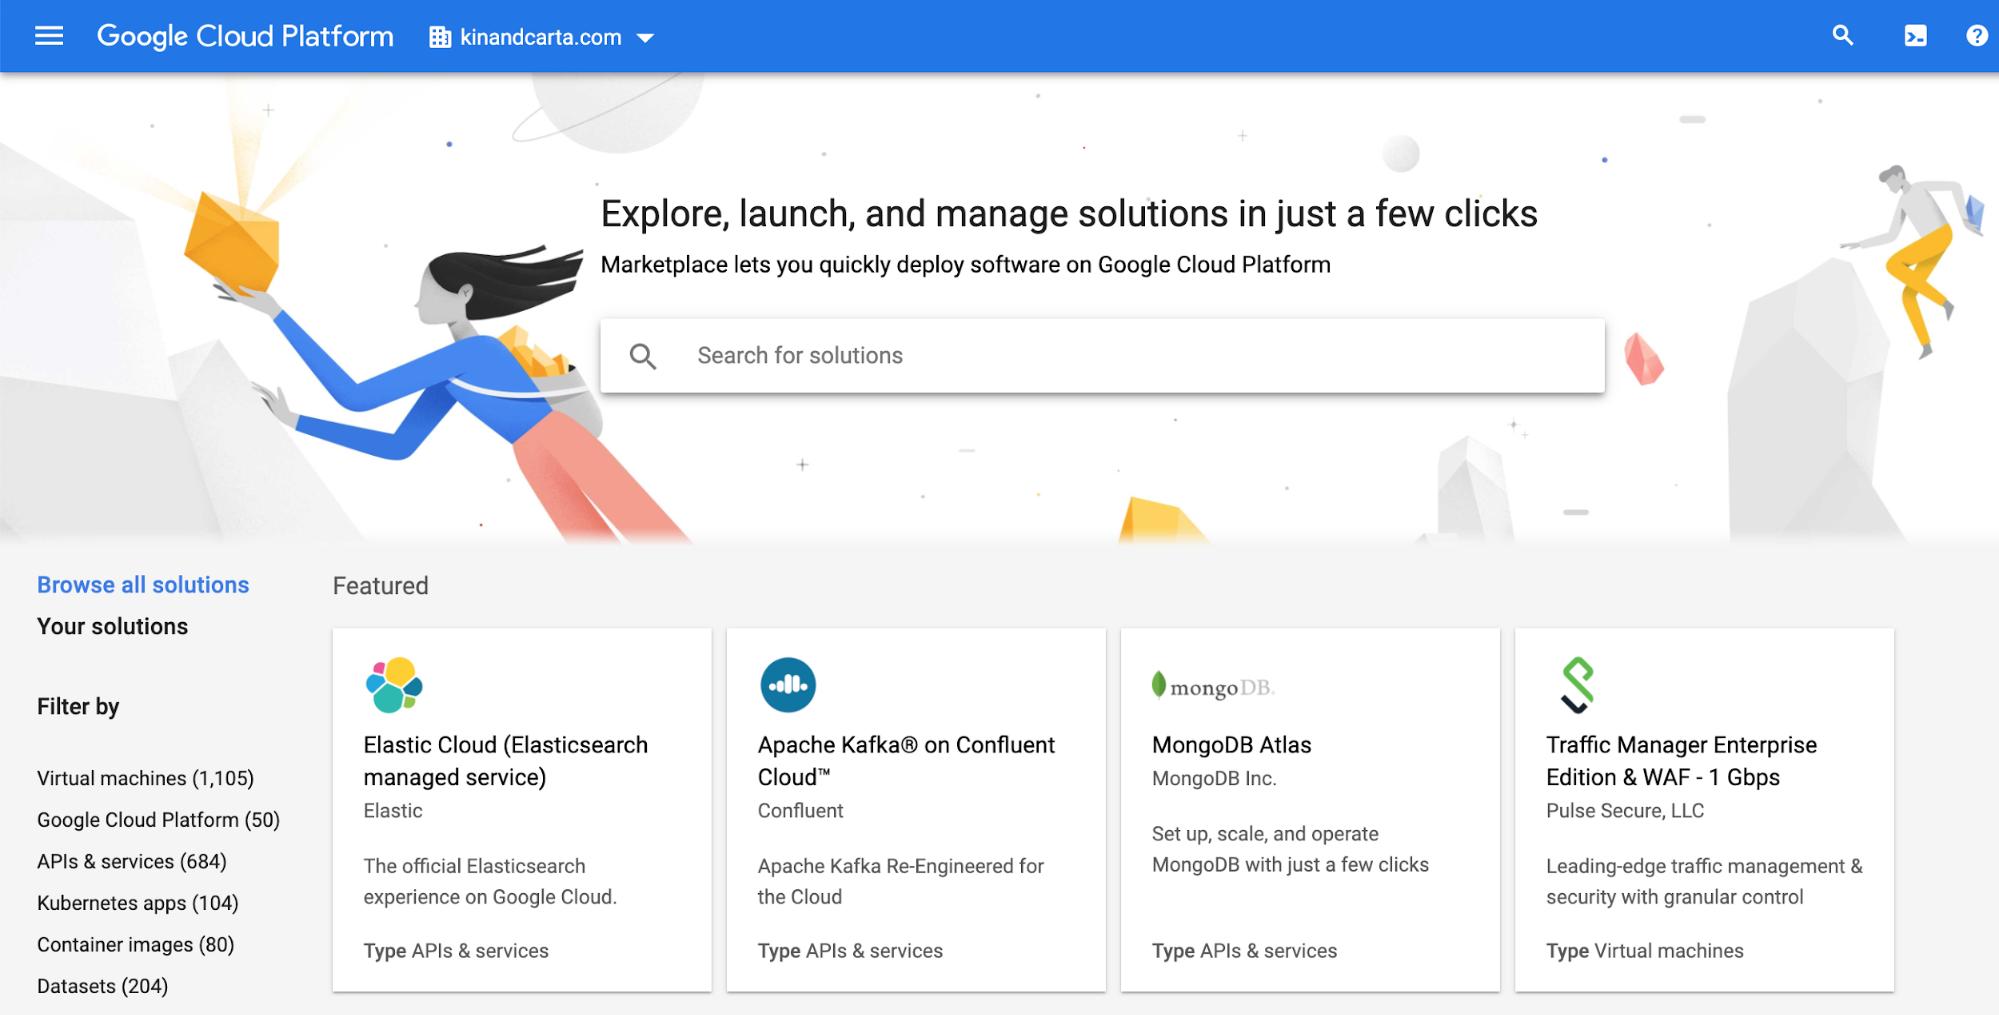 Google Cloud Platform: Elastic Cloud